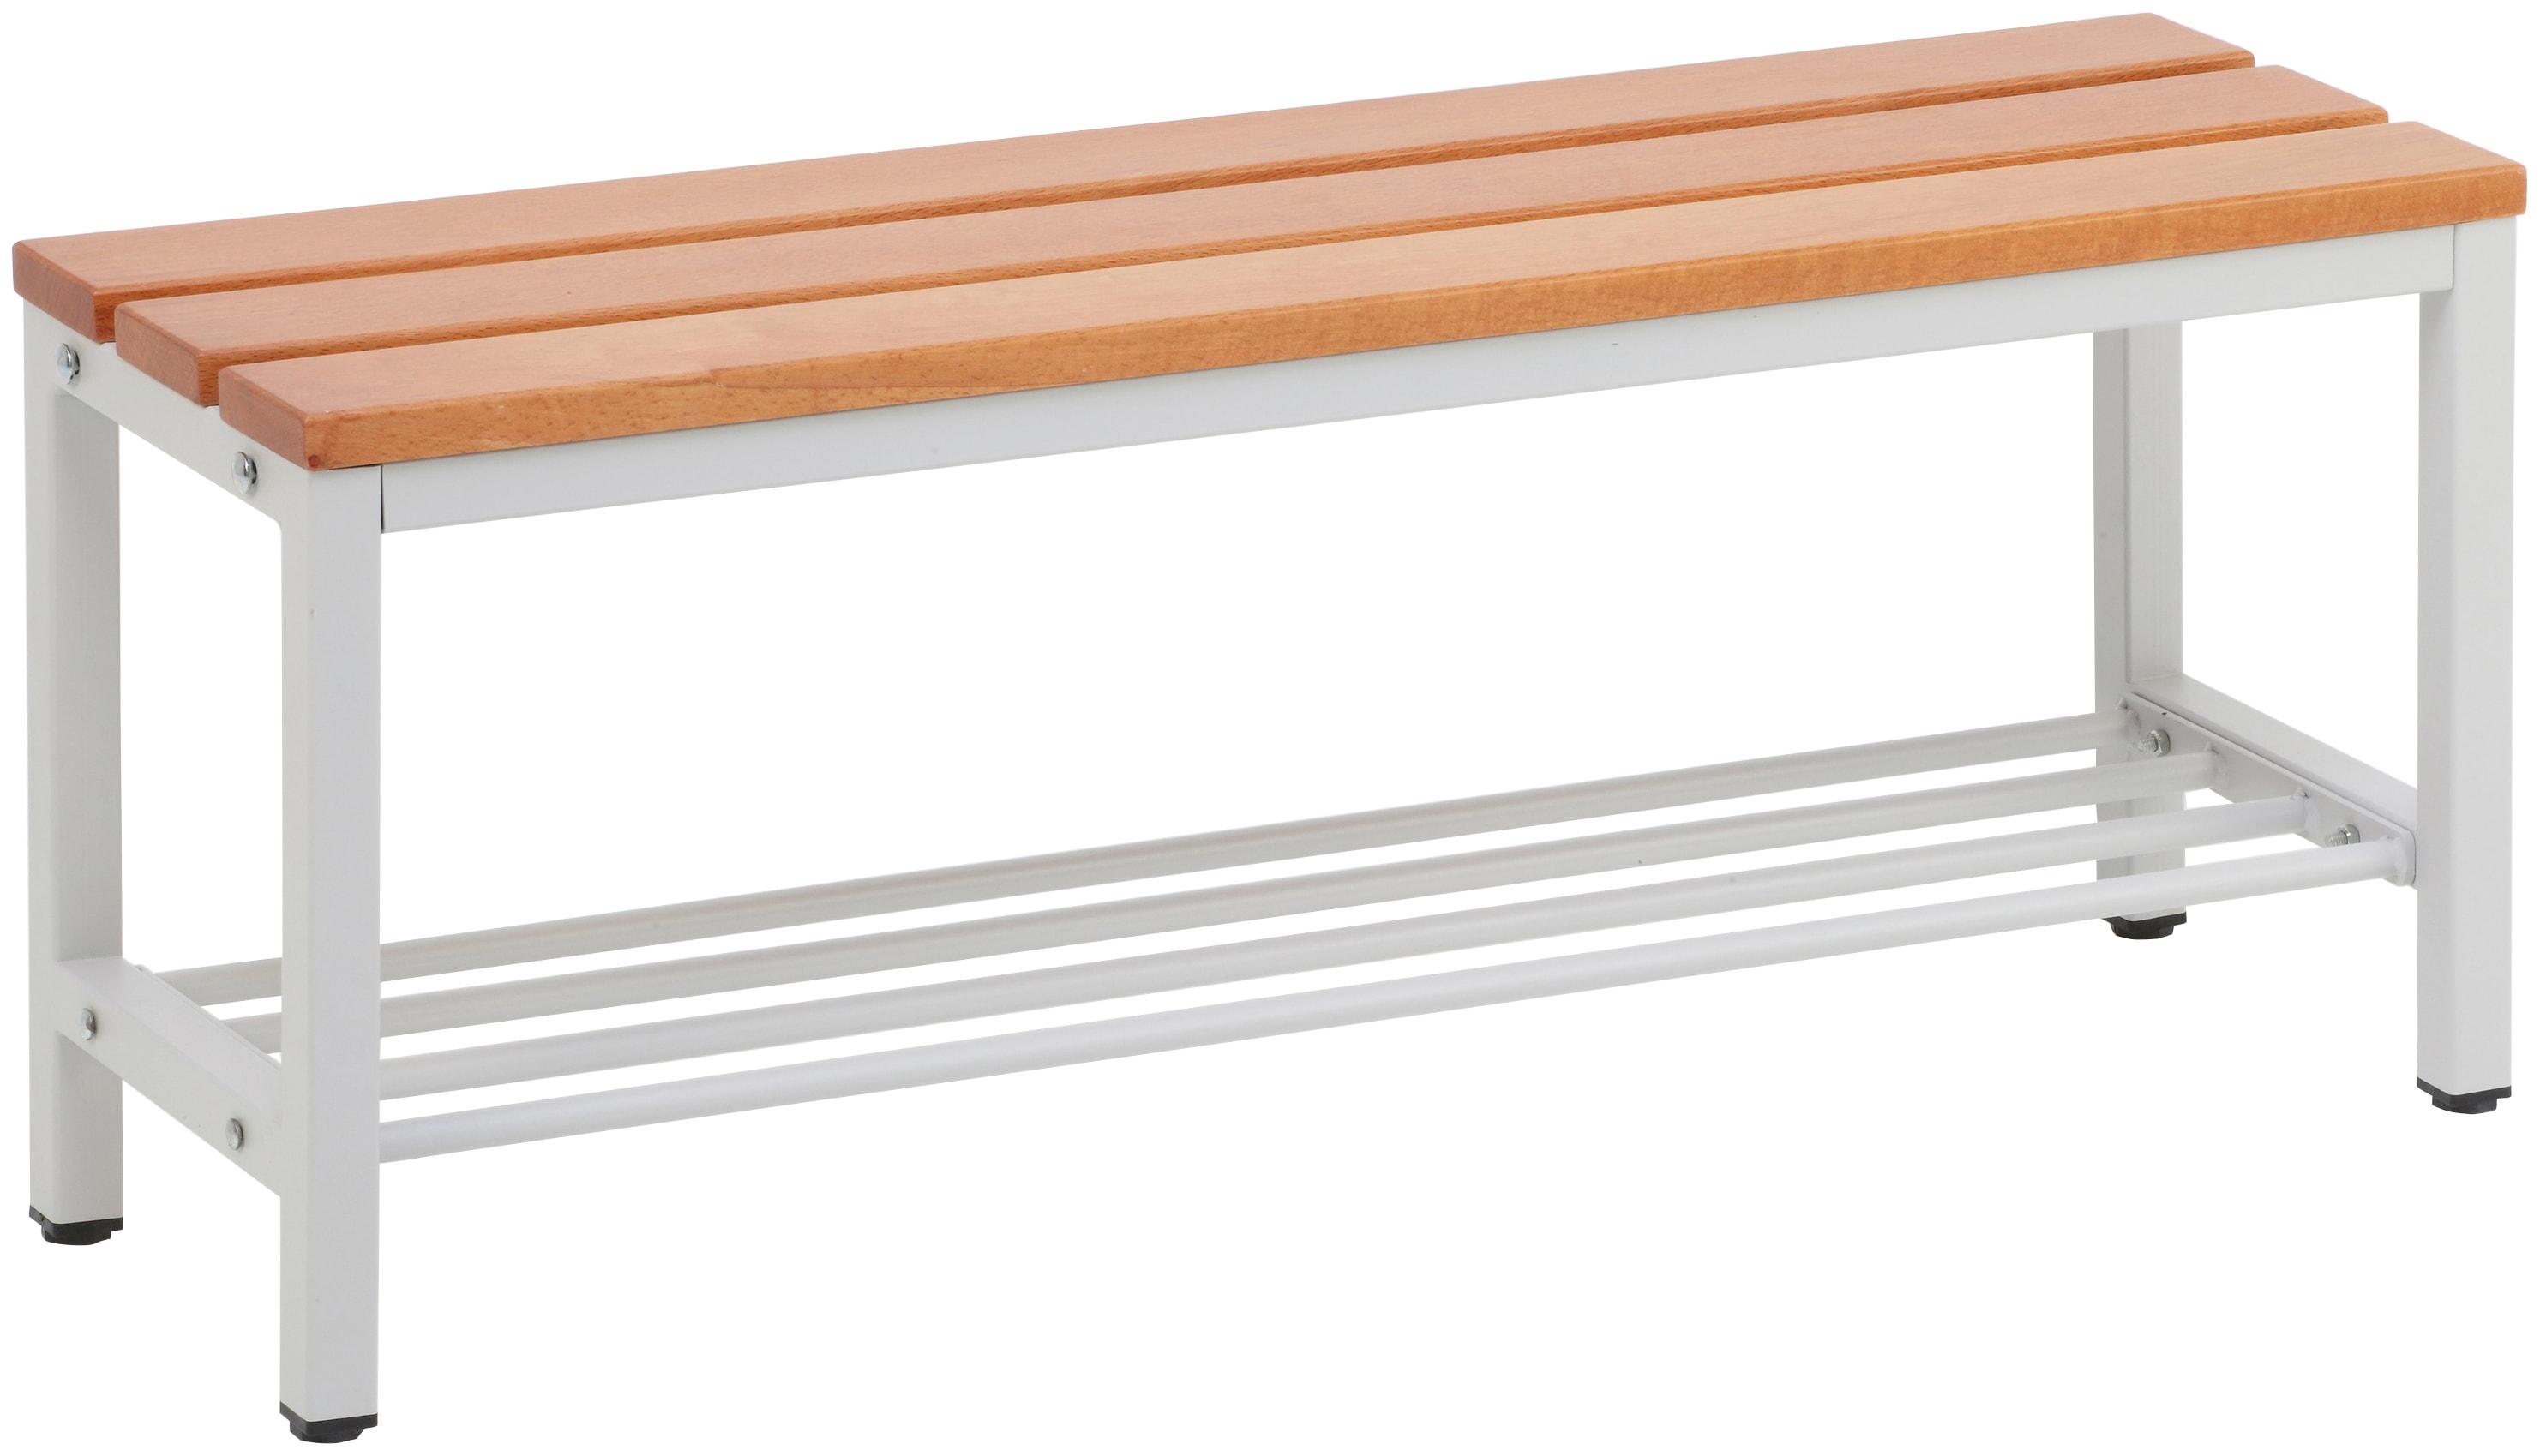 SZAGATO Sitzbank für Umkleideräume, mit Schuhrost | Küche und Esszimmer > Sitzbänke > Einfache Sitzbänke | SZ Metall